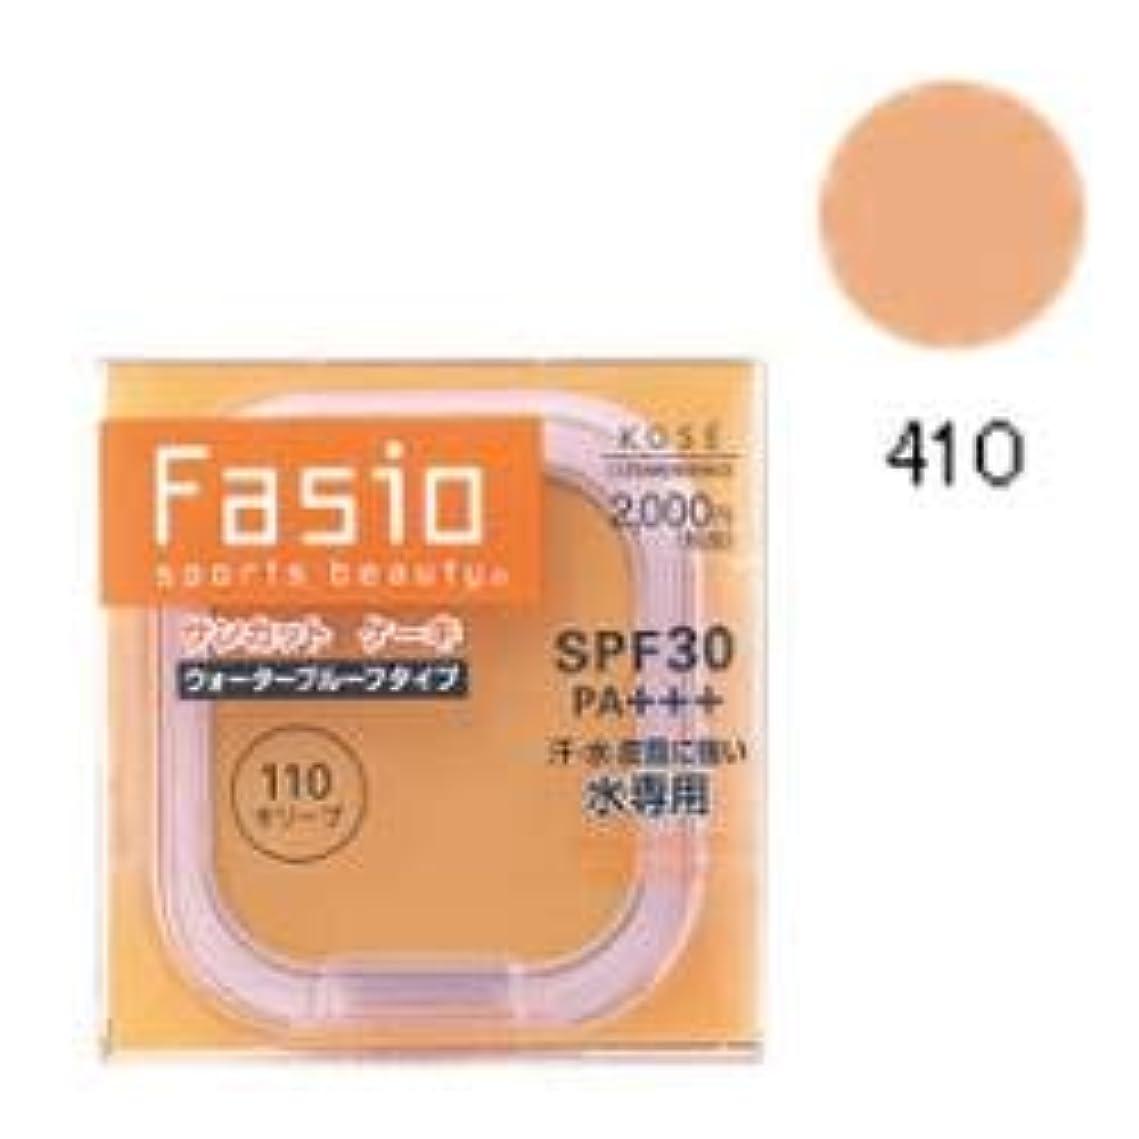 活性化ハング異なるコーセー Fasio ファシオ サンカット ケーキ 詰め替え用 410